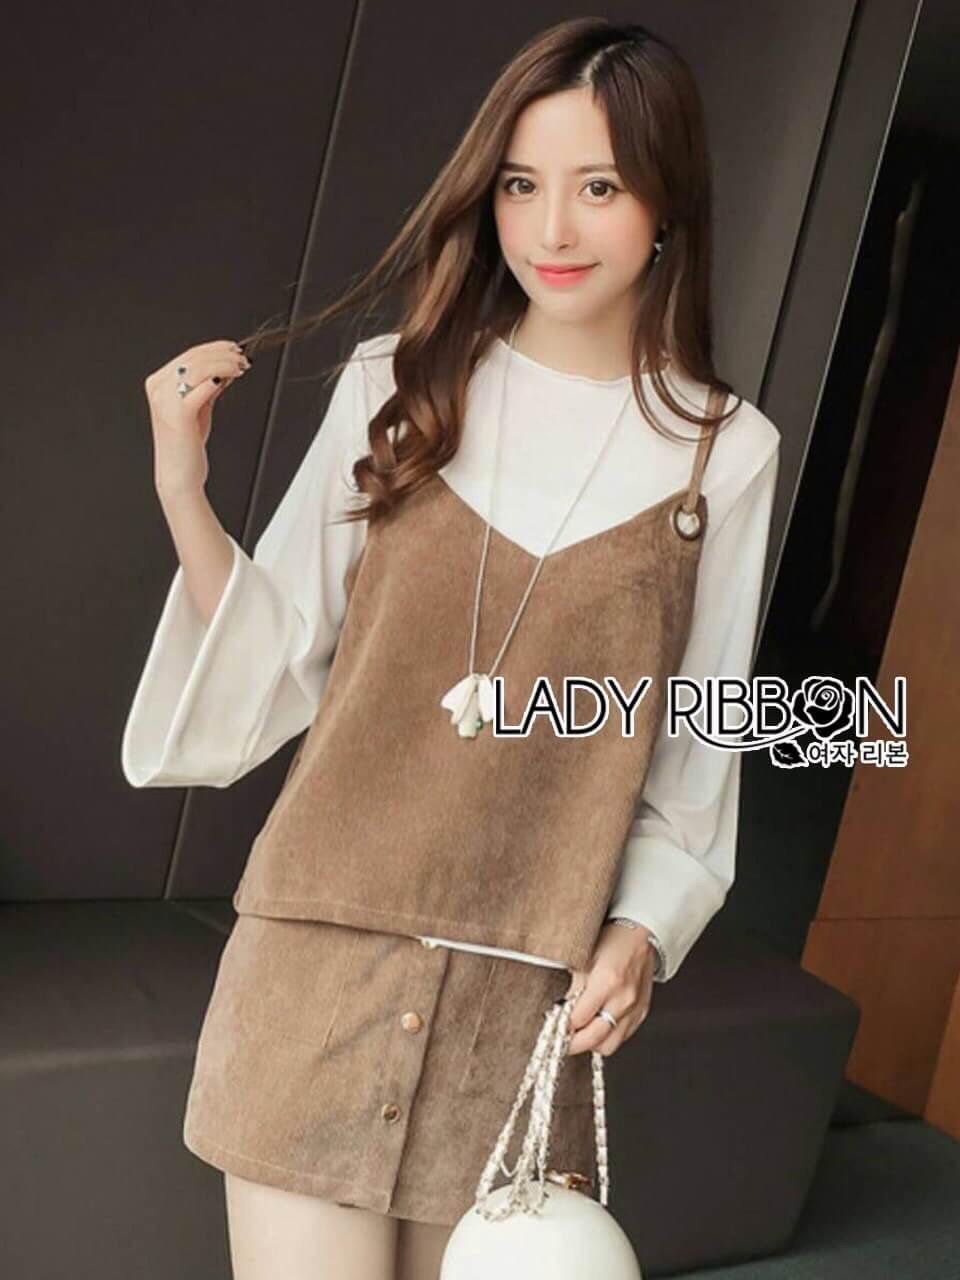 เสื้อผ้าเกาหลี พร้อมส่งเสื้อสายเดี่ยวกำมะหยี่ทับเสื้อแขนบานสีขาวและกระโปรงกำมะหยี่